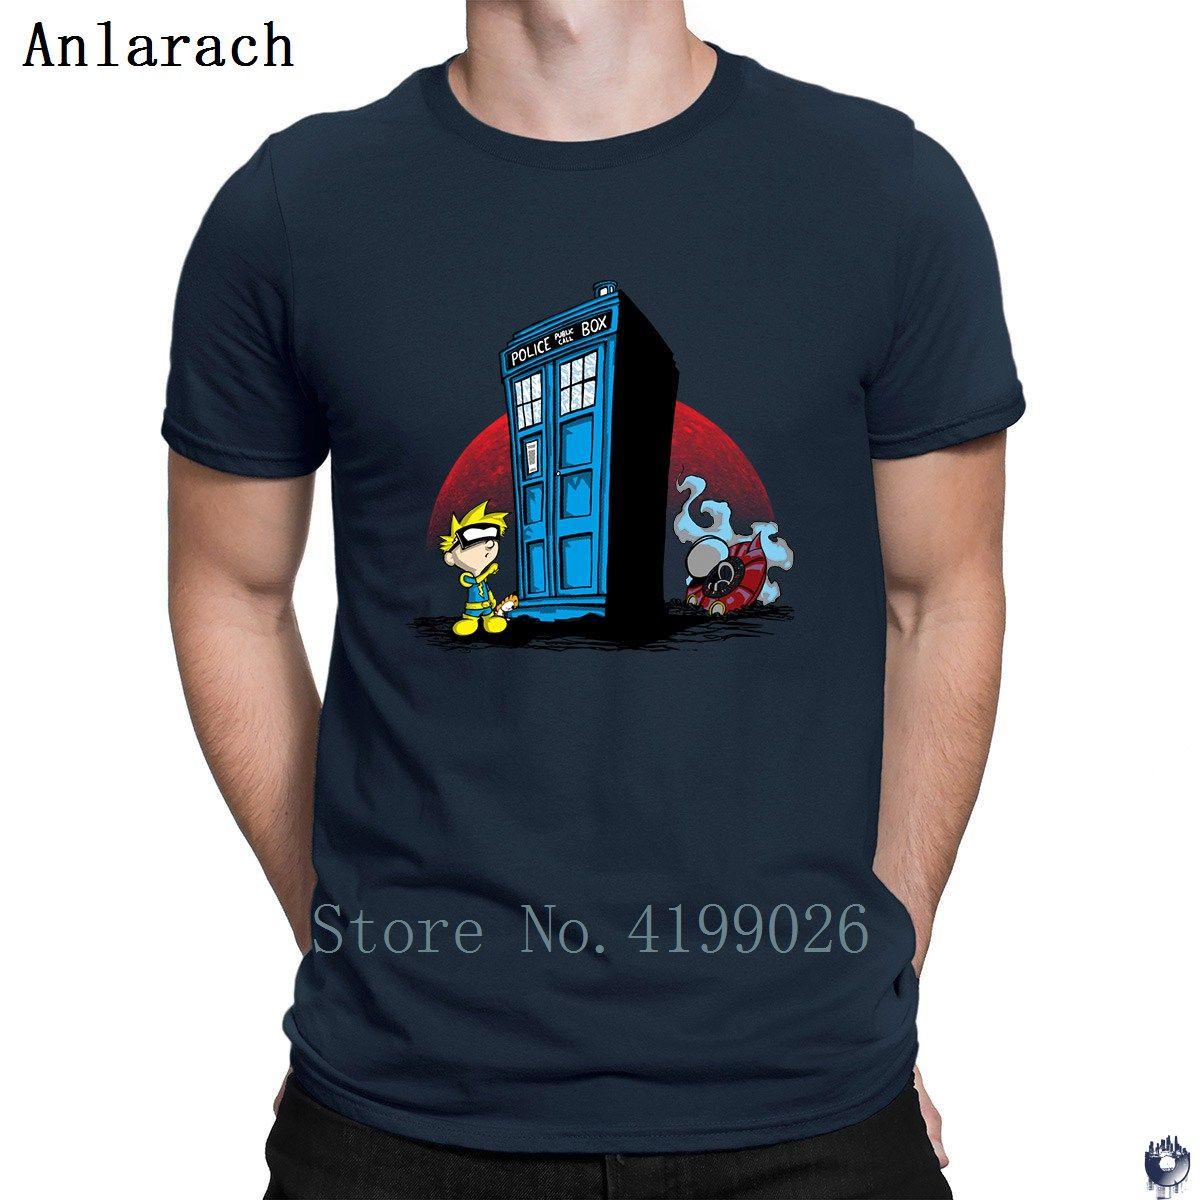 Spiffs Blue Box magliette T supera il 100% di personalità costume maschile maglietta divertente Lettera casual 2018 Anlarach Carino